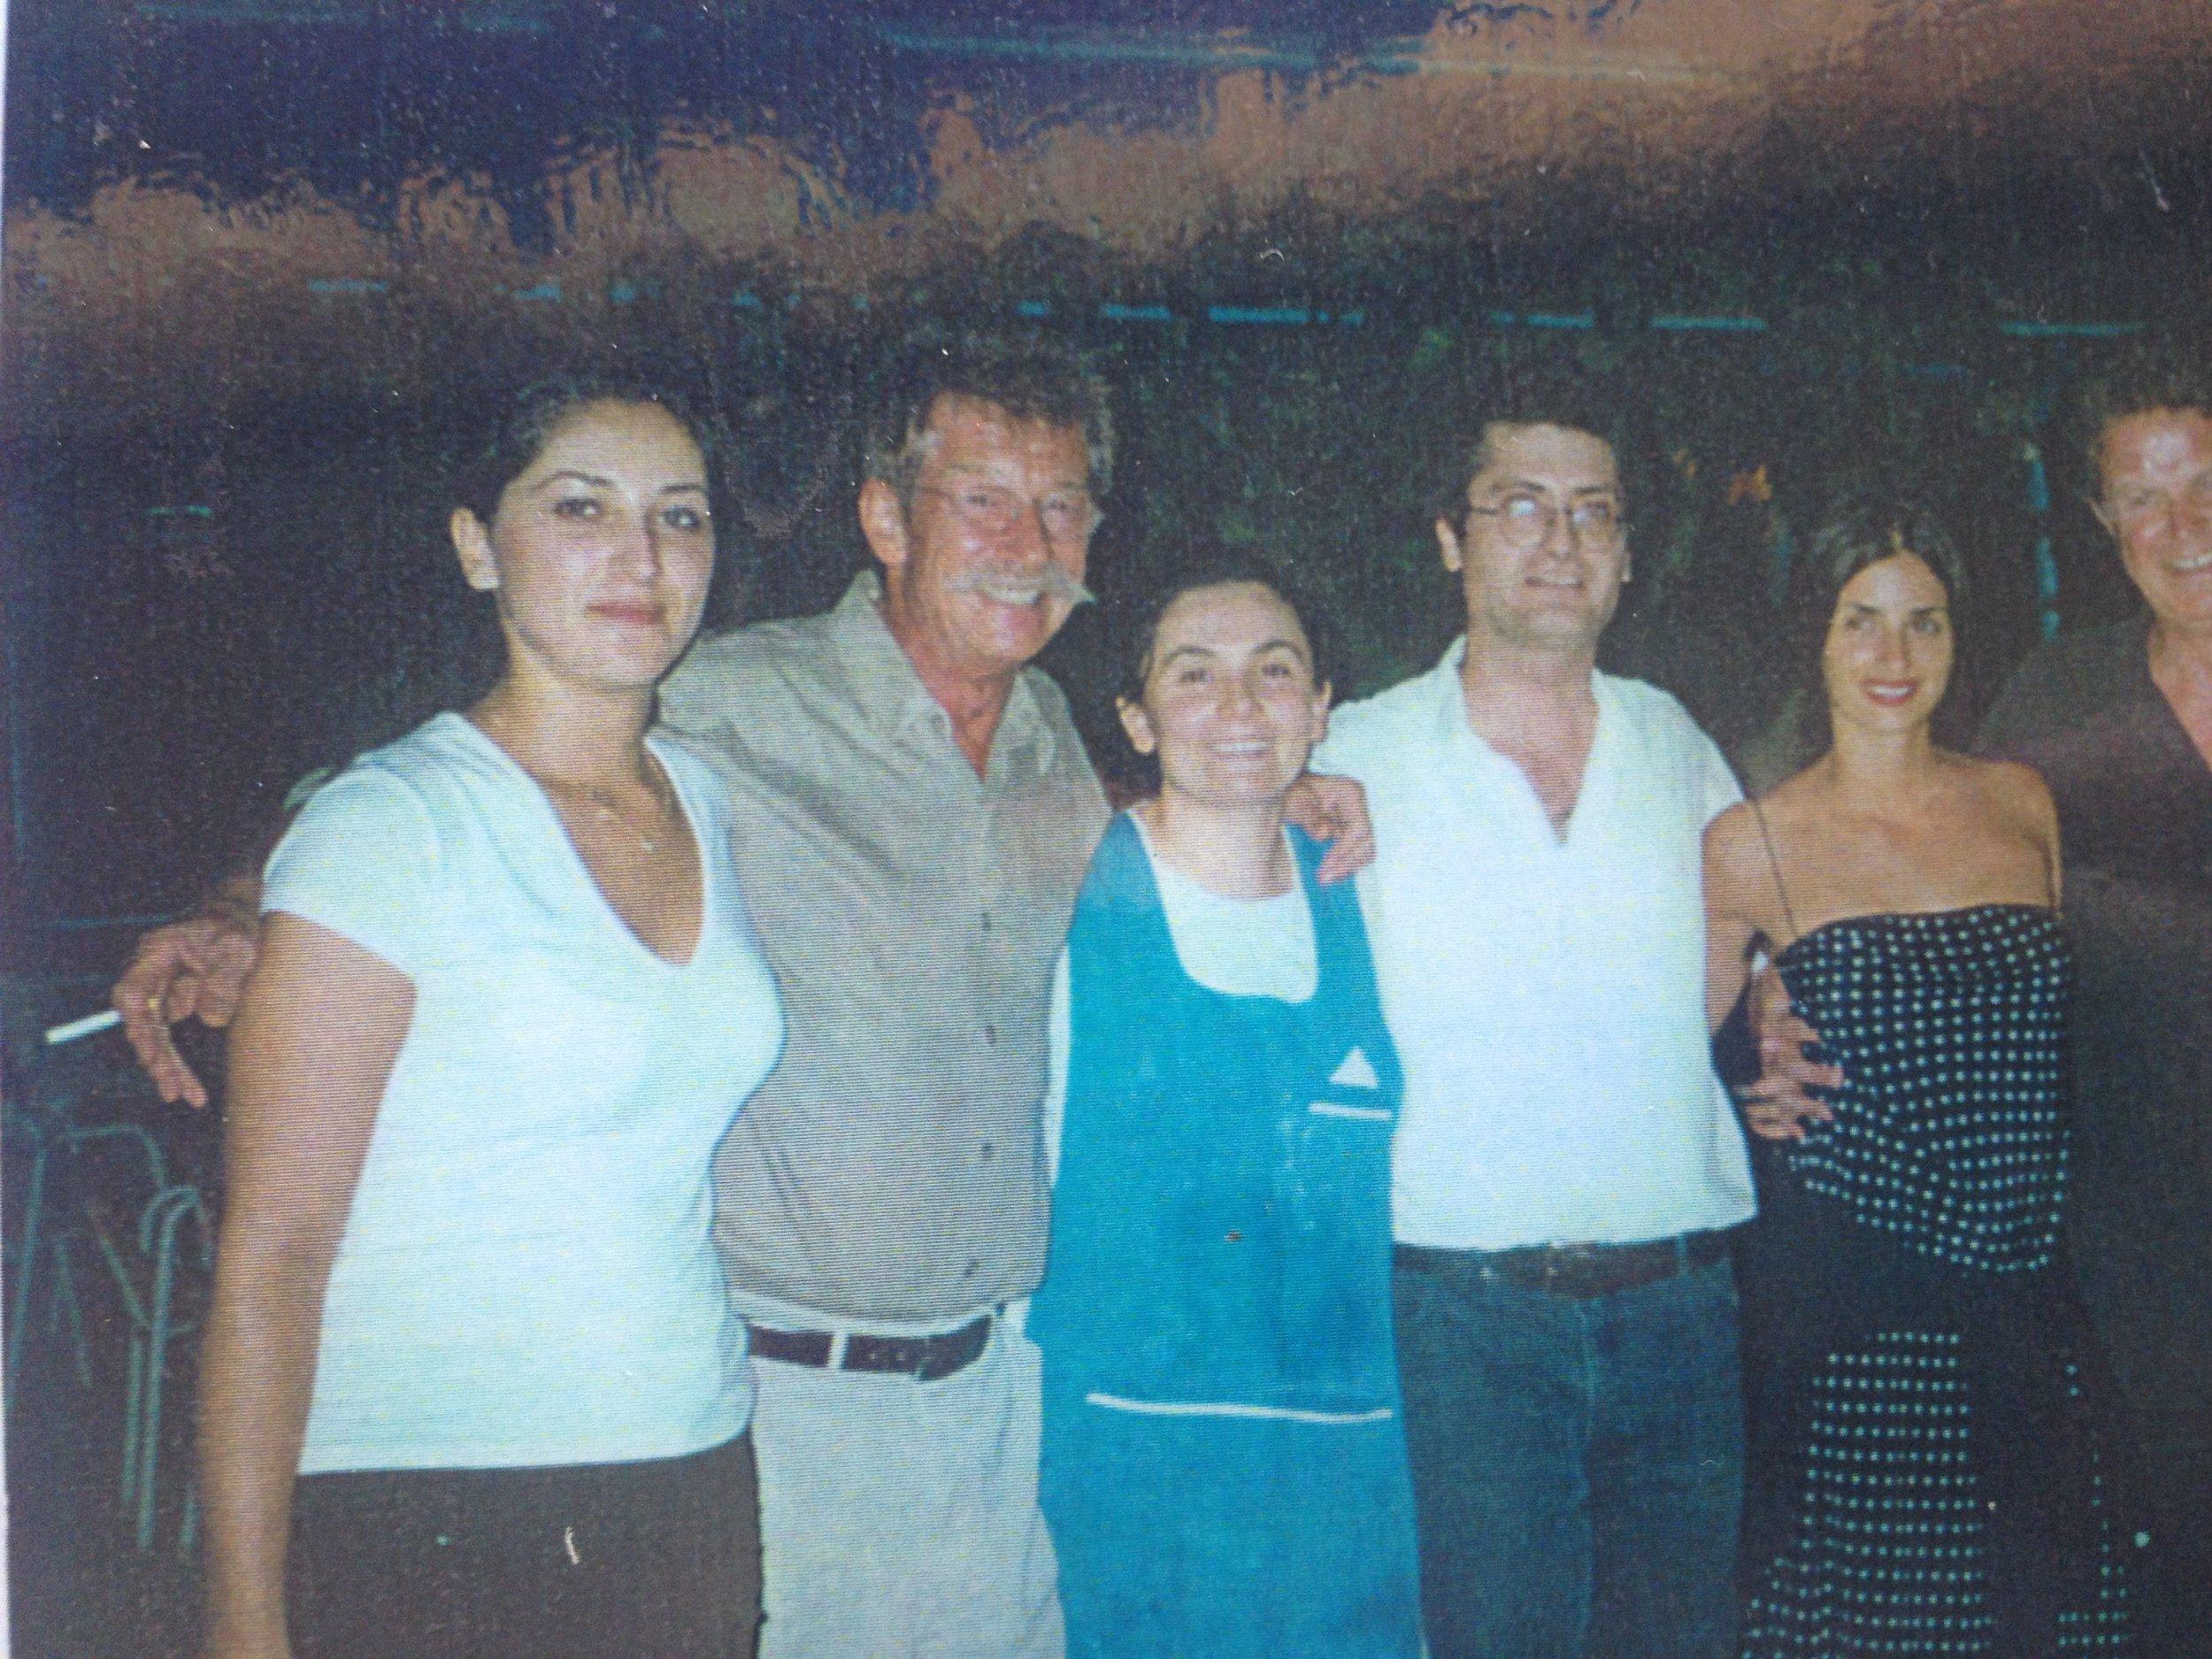 John Hurt and Penelope Cruz with Nikoleta and Nikitas Dendrinos (centre)